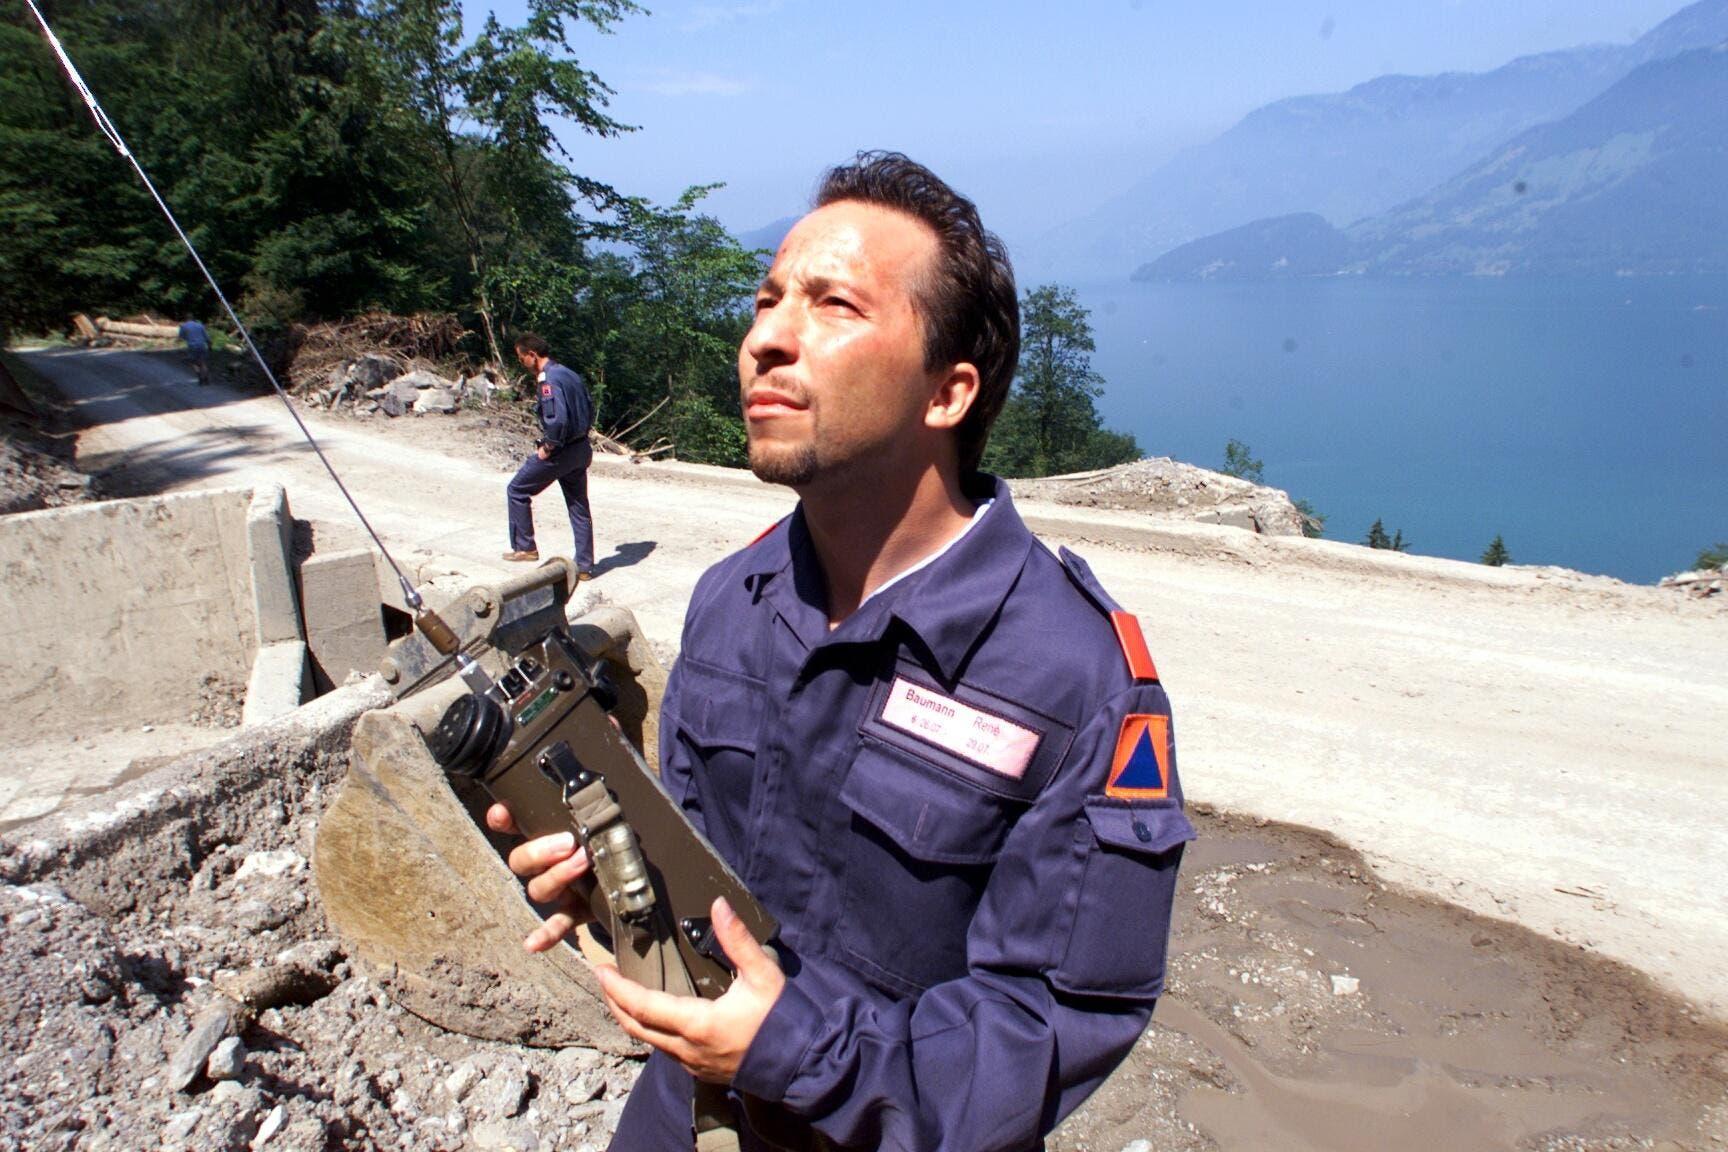 René Baumann, wie DJ Bobo zum bürgerlichen Namen heisst, leistete im Juli 1999 in Beckenried Zivilschutz und musste ein gefährliches Hanggebiet überwachen. (Bild: LZ Archiv)